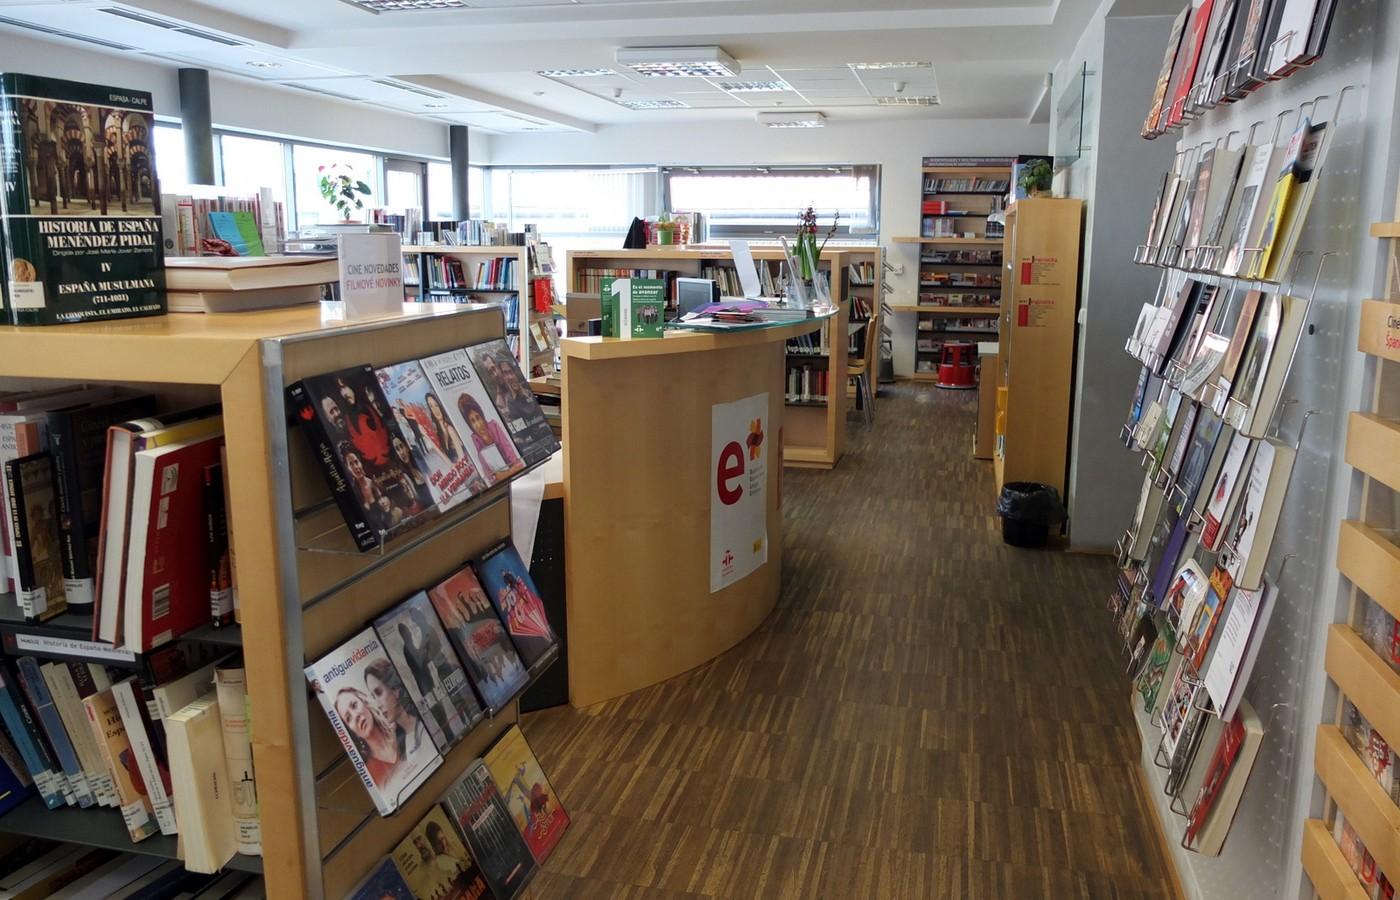 Do útulného interiéru knihovny v budově španělské ambasády na Praze2 můžete zajít i za nabídkou nové elektronické knihovny